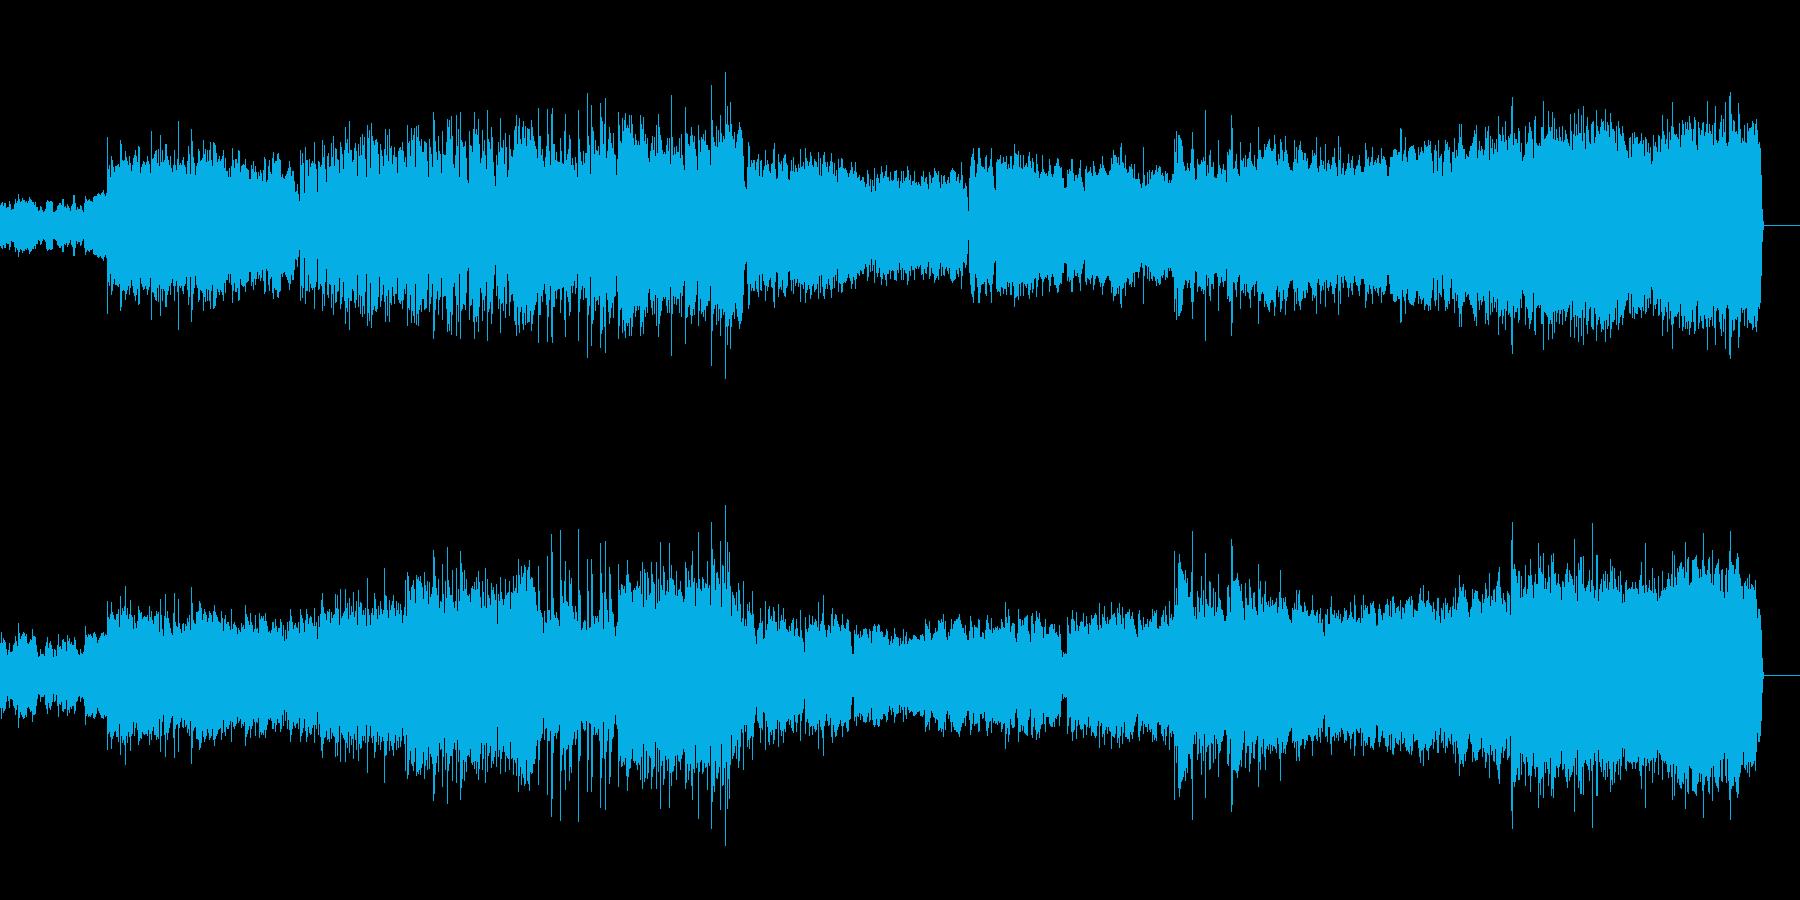 吹奏楽のための第一組曲より第一楽章の再生済みの波形